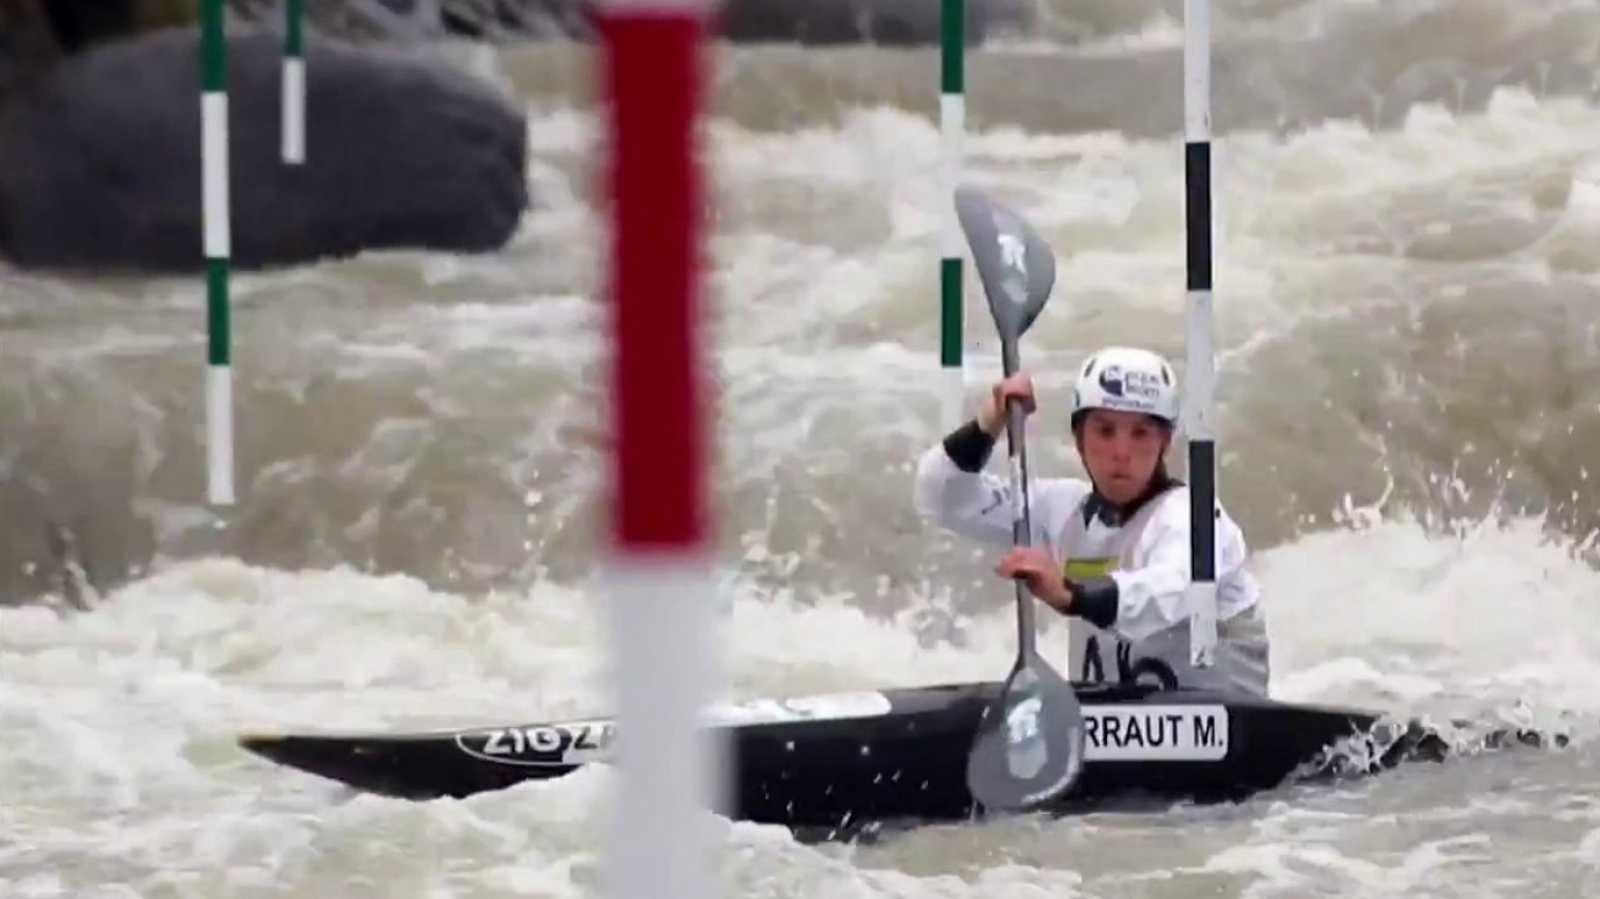 Mujer y deporte - Piragüismo: Maialen Chourraut - ver ahora